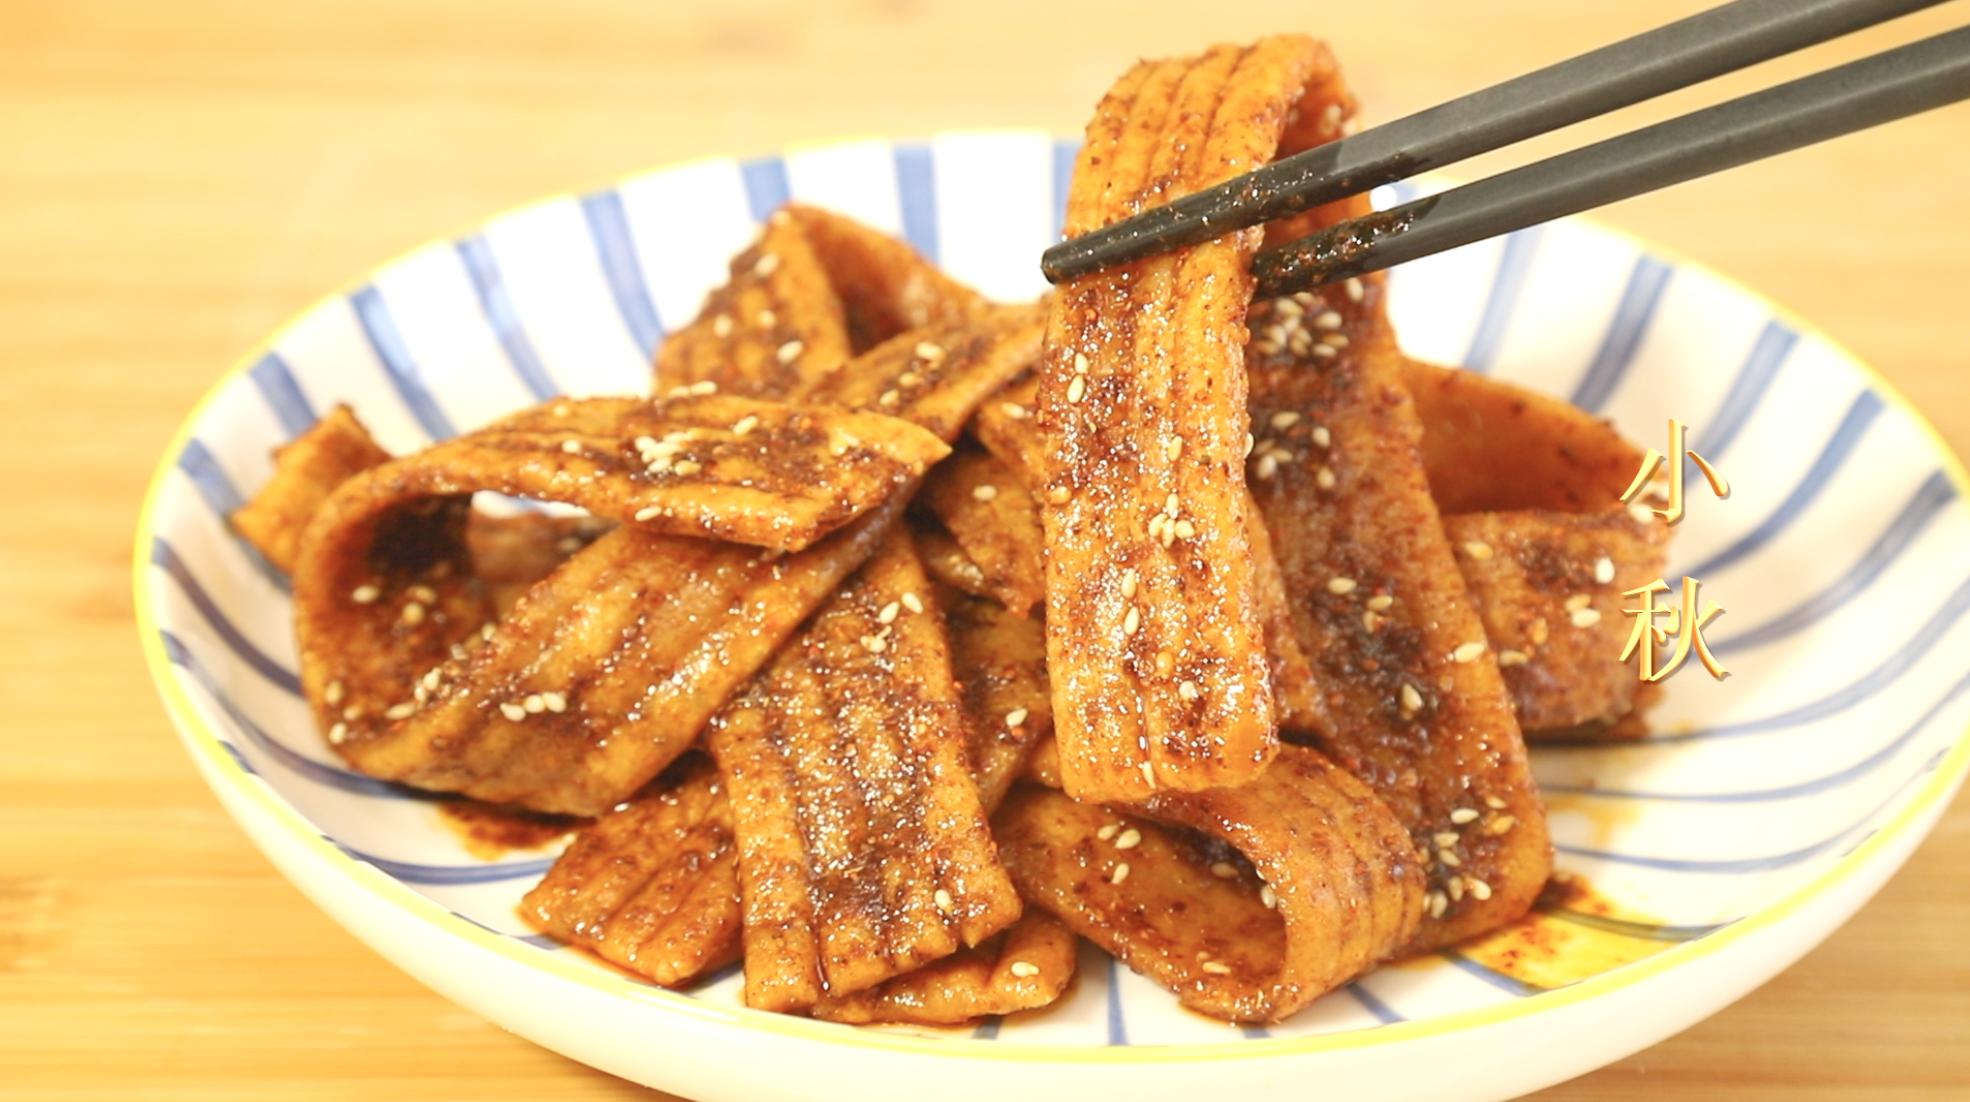 爱吃辣条的有福了,教你在家用剩米饭就能做,麻辣好吃无添加 美食做法 第2张